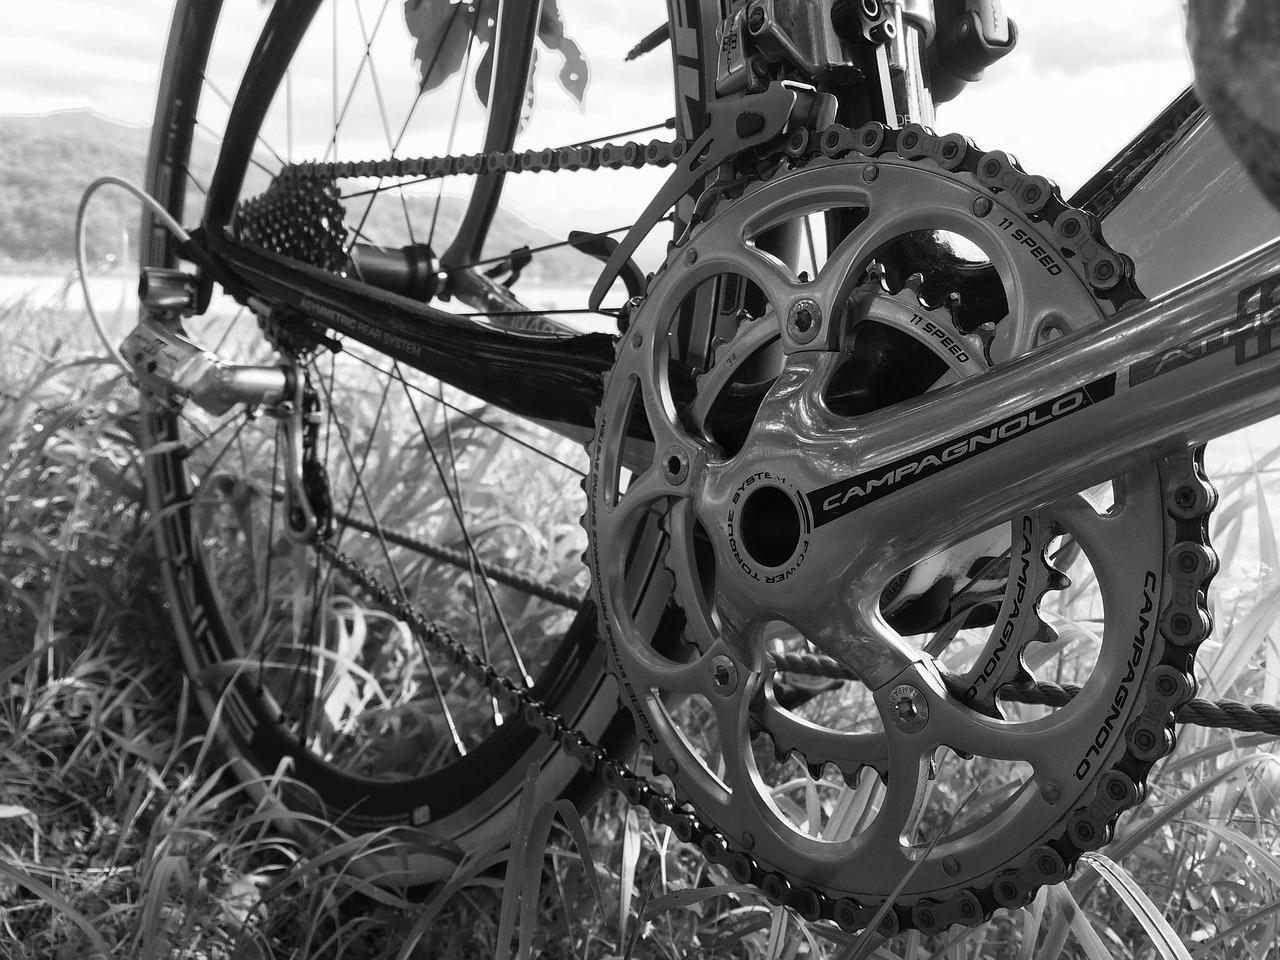 Das Öl sorgt für ein reibungsloses Ineinandergreifen von Fahrradkette und Kettenblatt (vorne) und Zahnkranz (hinten).